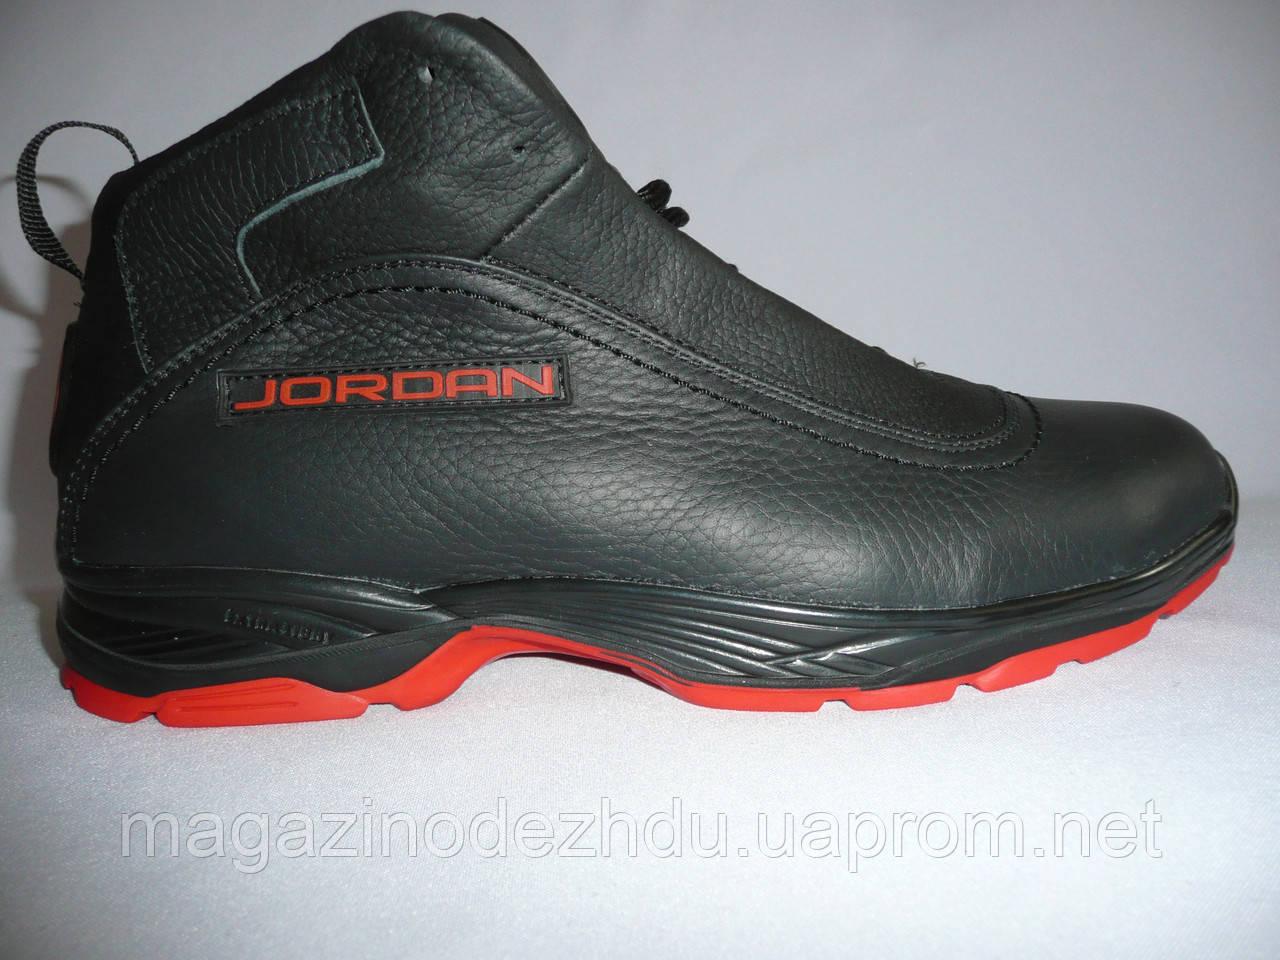 3ddf86ff Зимние ботинки Jordan на меху черные с красным - Интернет магазин